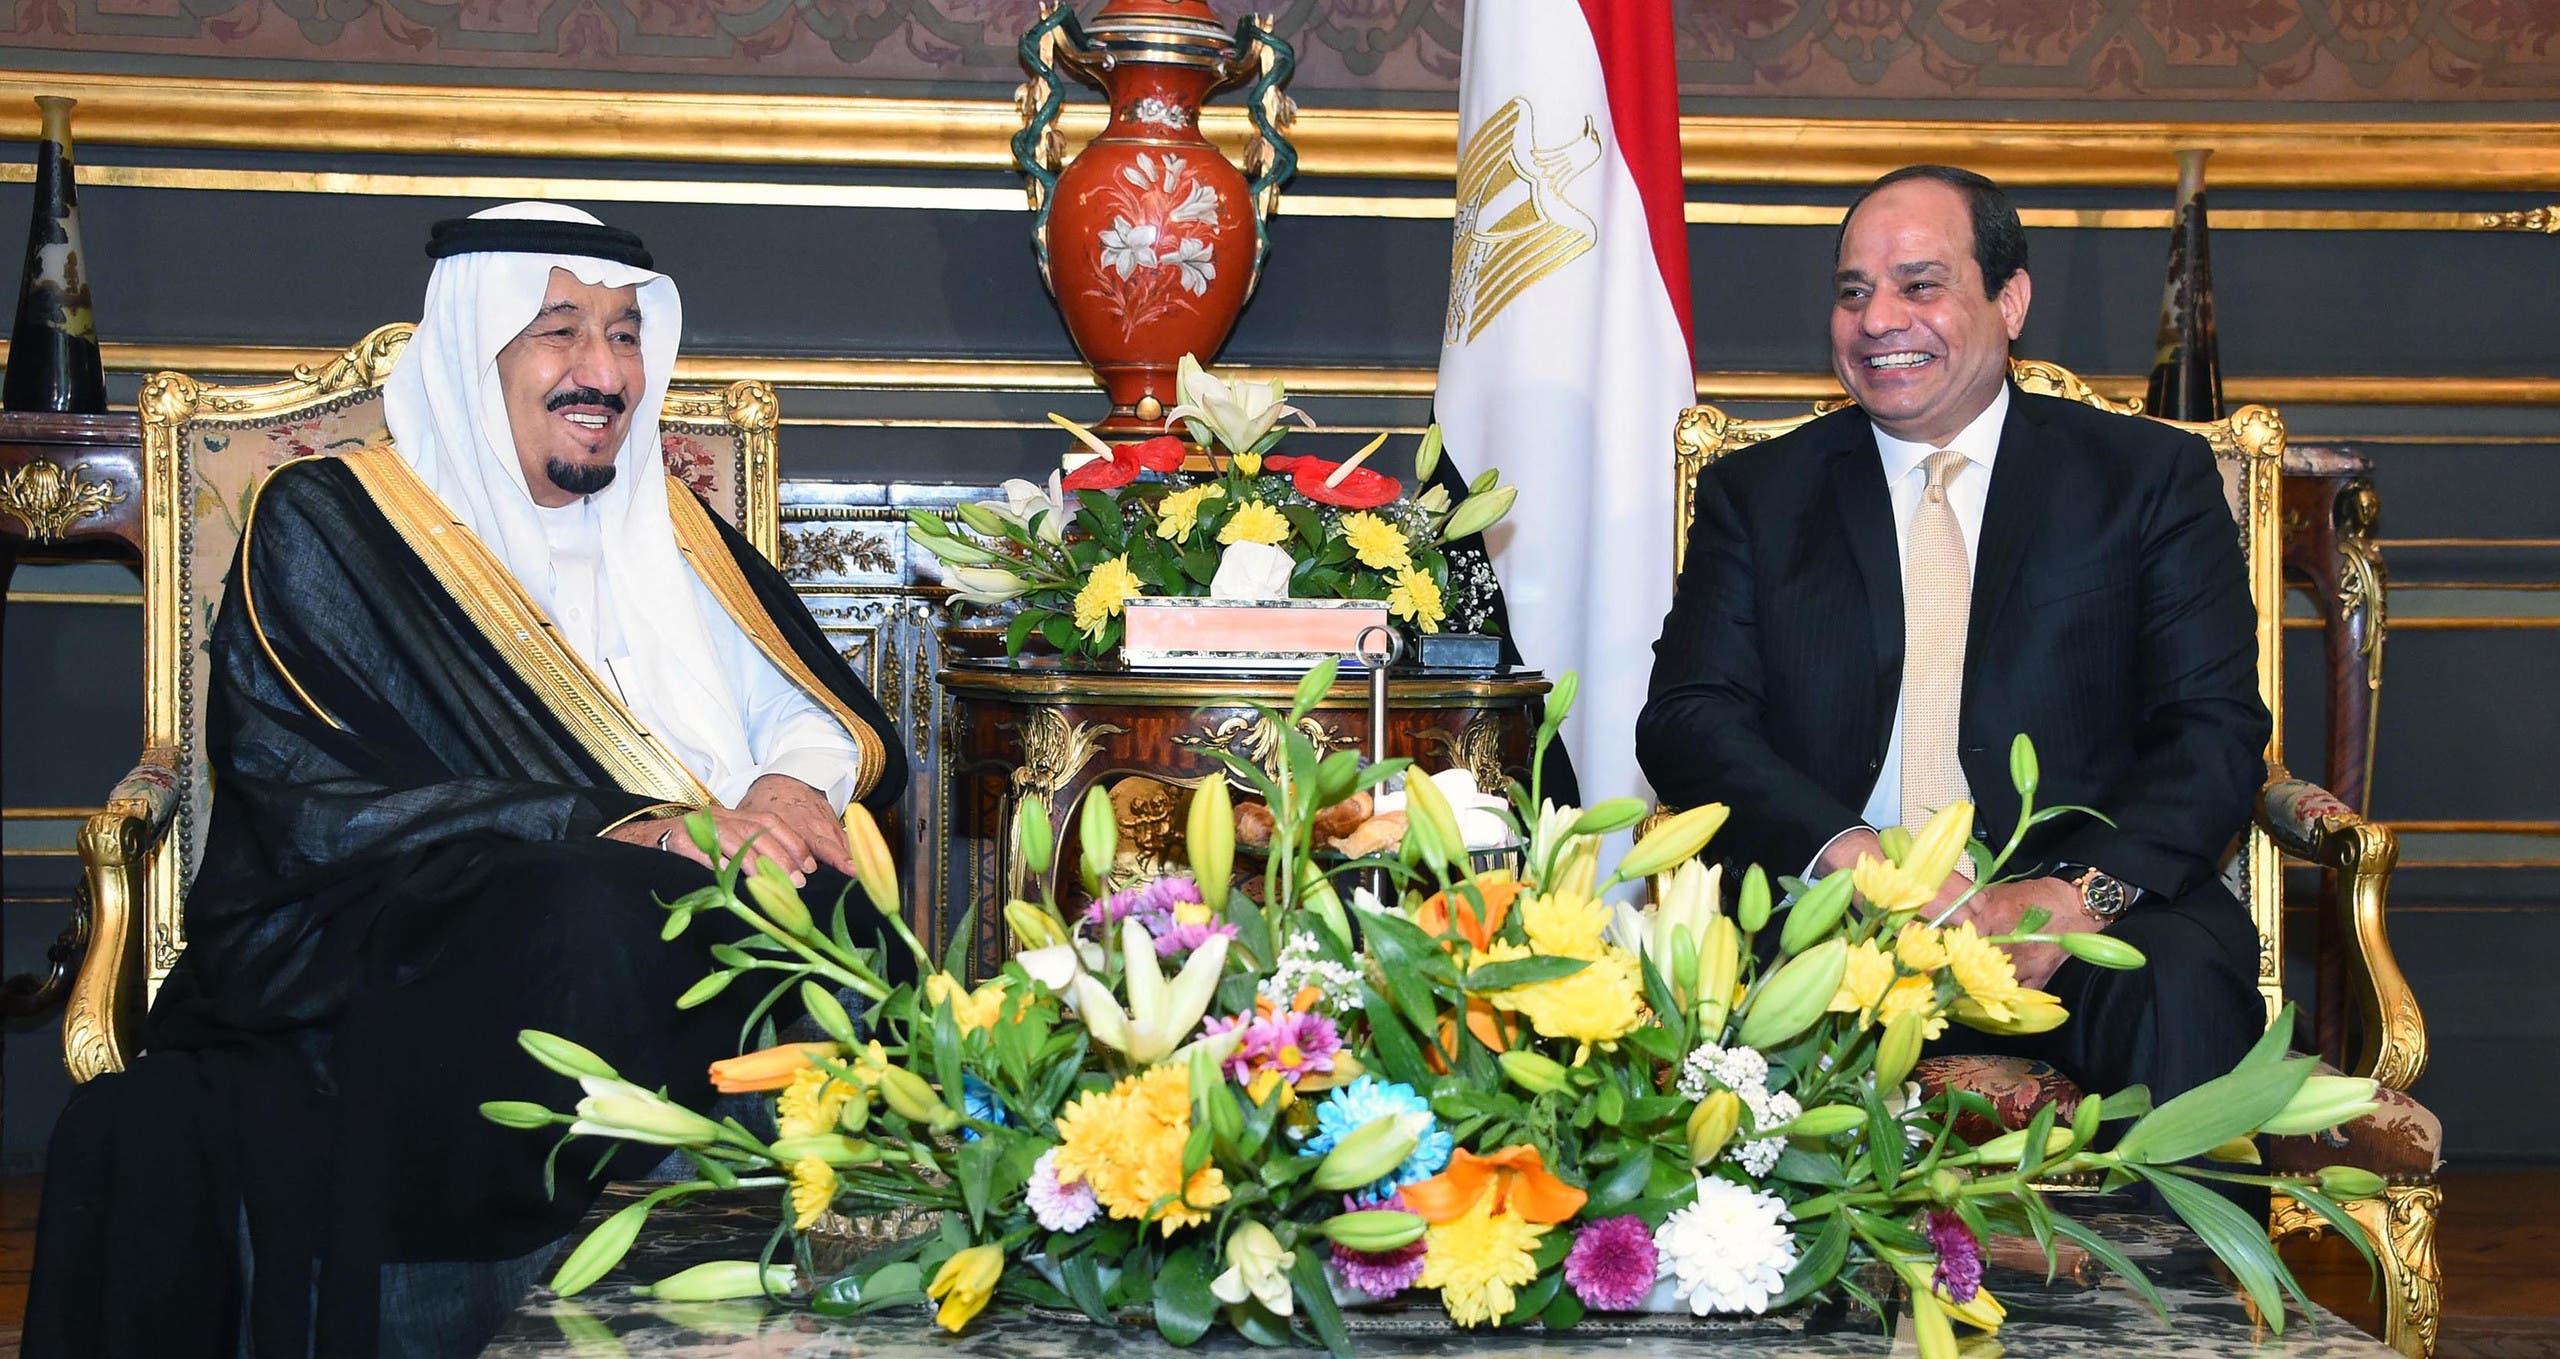 الملك سلمان والرئيس السيسي قبل مراسم التوقيع على الاتفاقيات التجارية